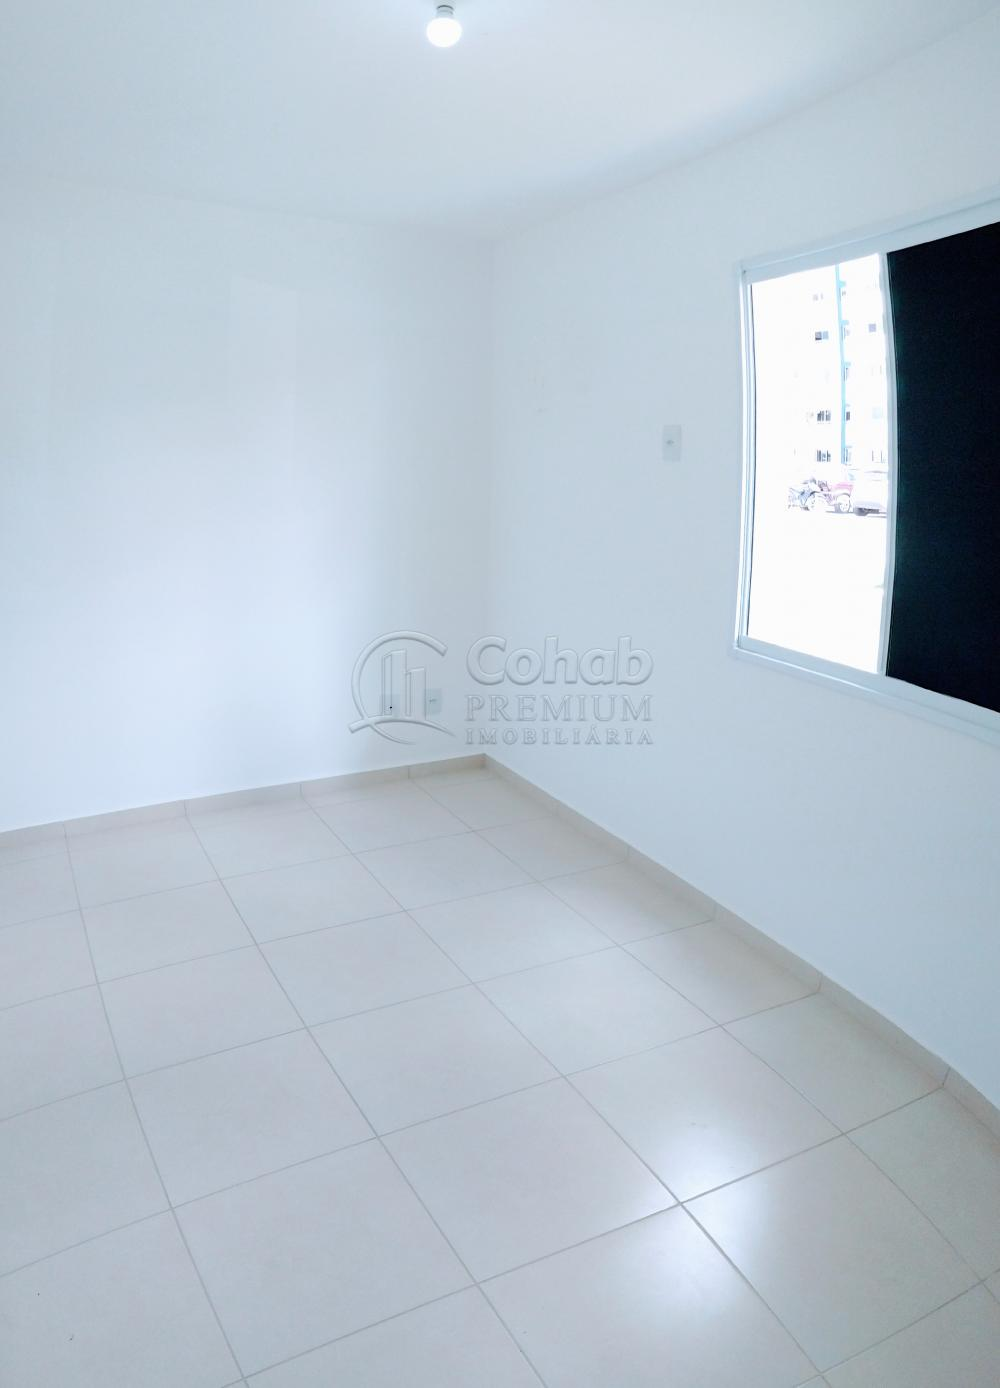 Alugar Apartamento / Padrão em São Cristóvão apenas R$ 630,00 - Foto 9